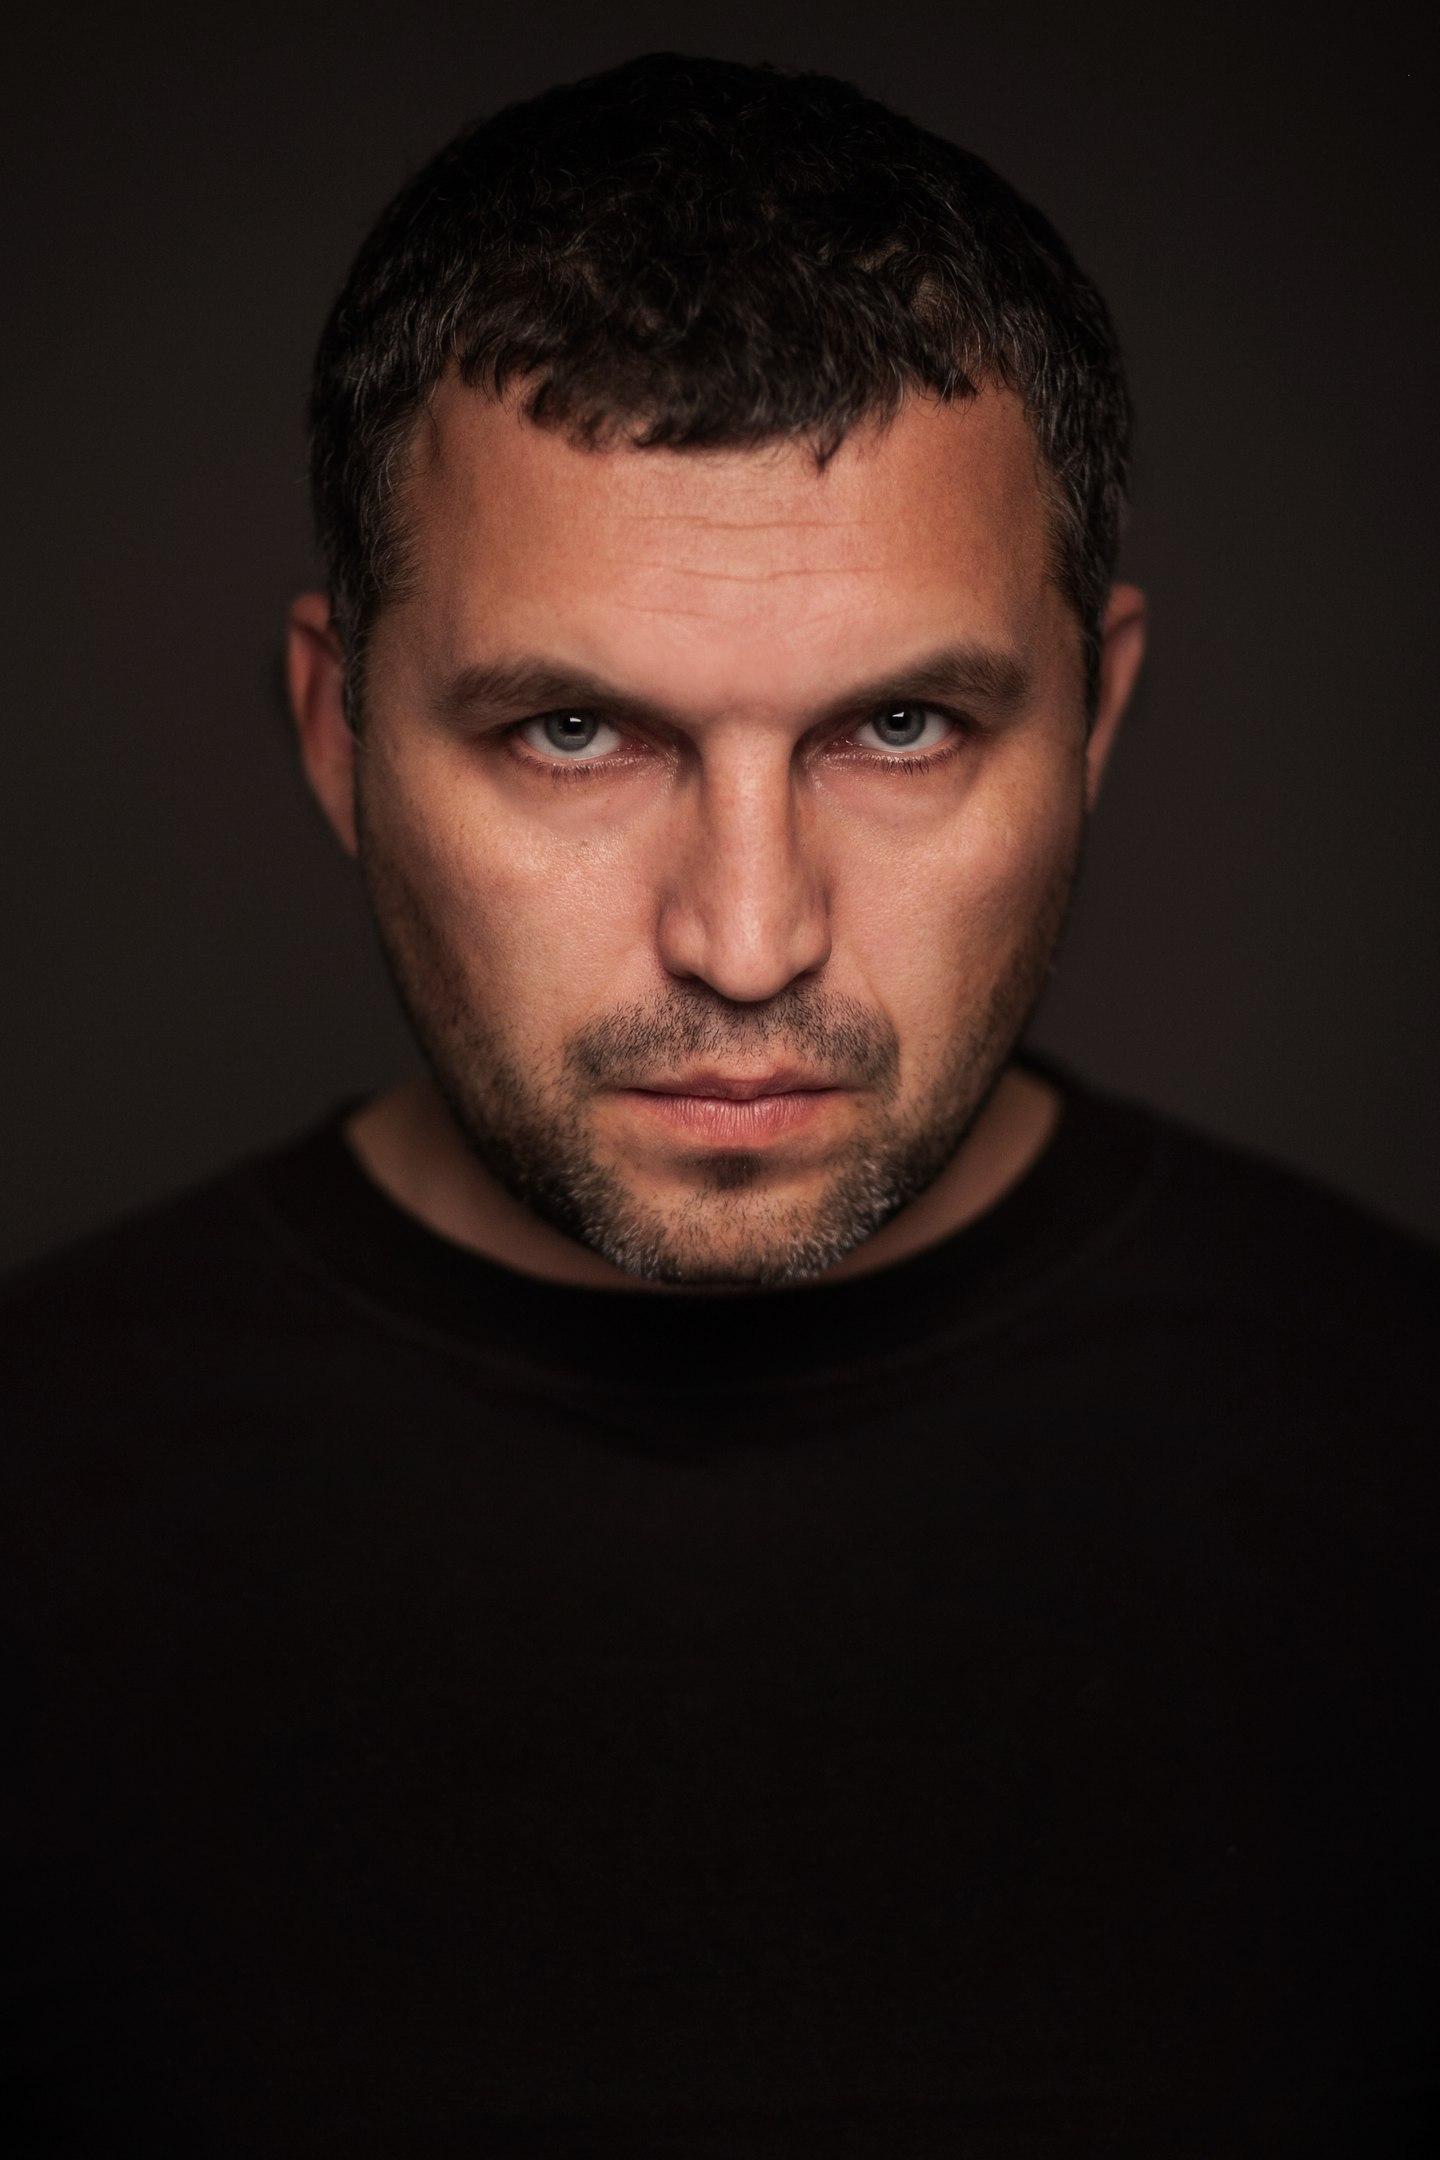 Константин Кулясов (АнимациЯ) в интервью